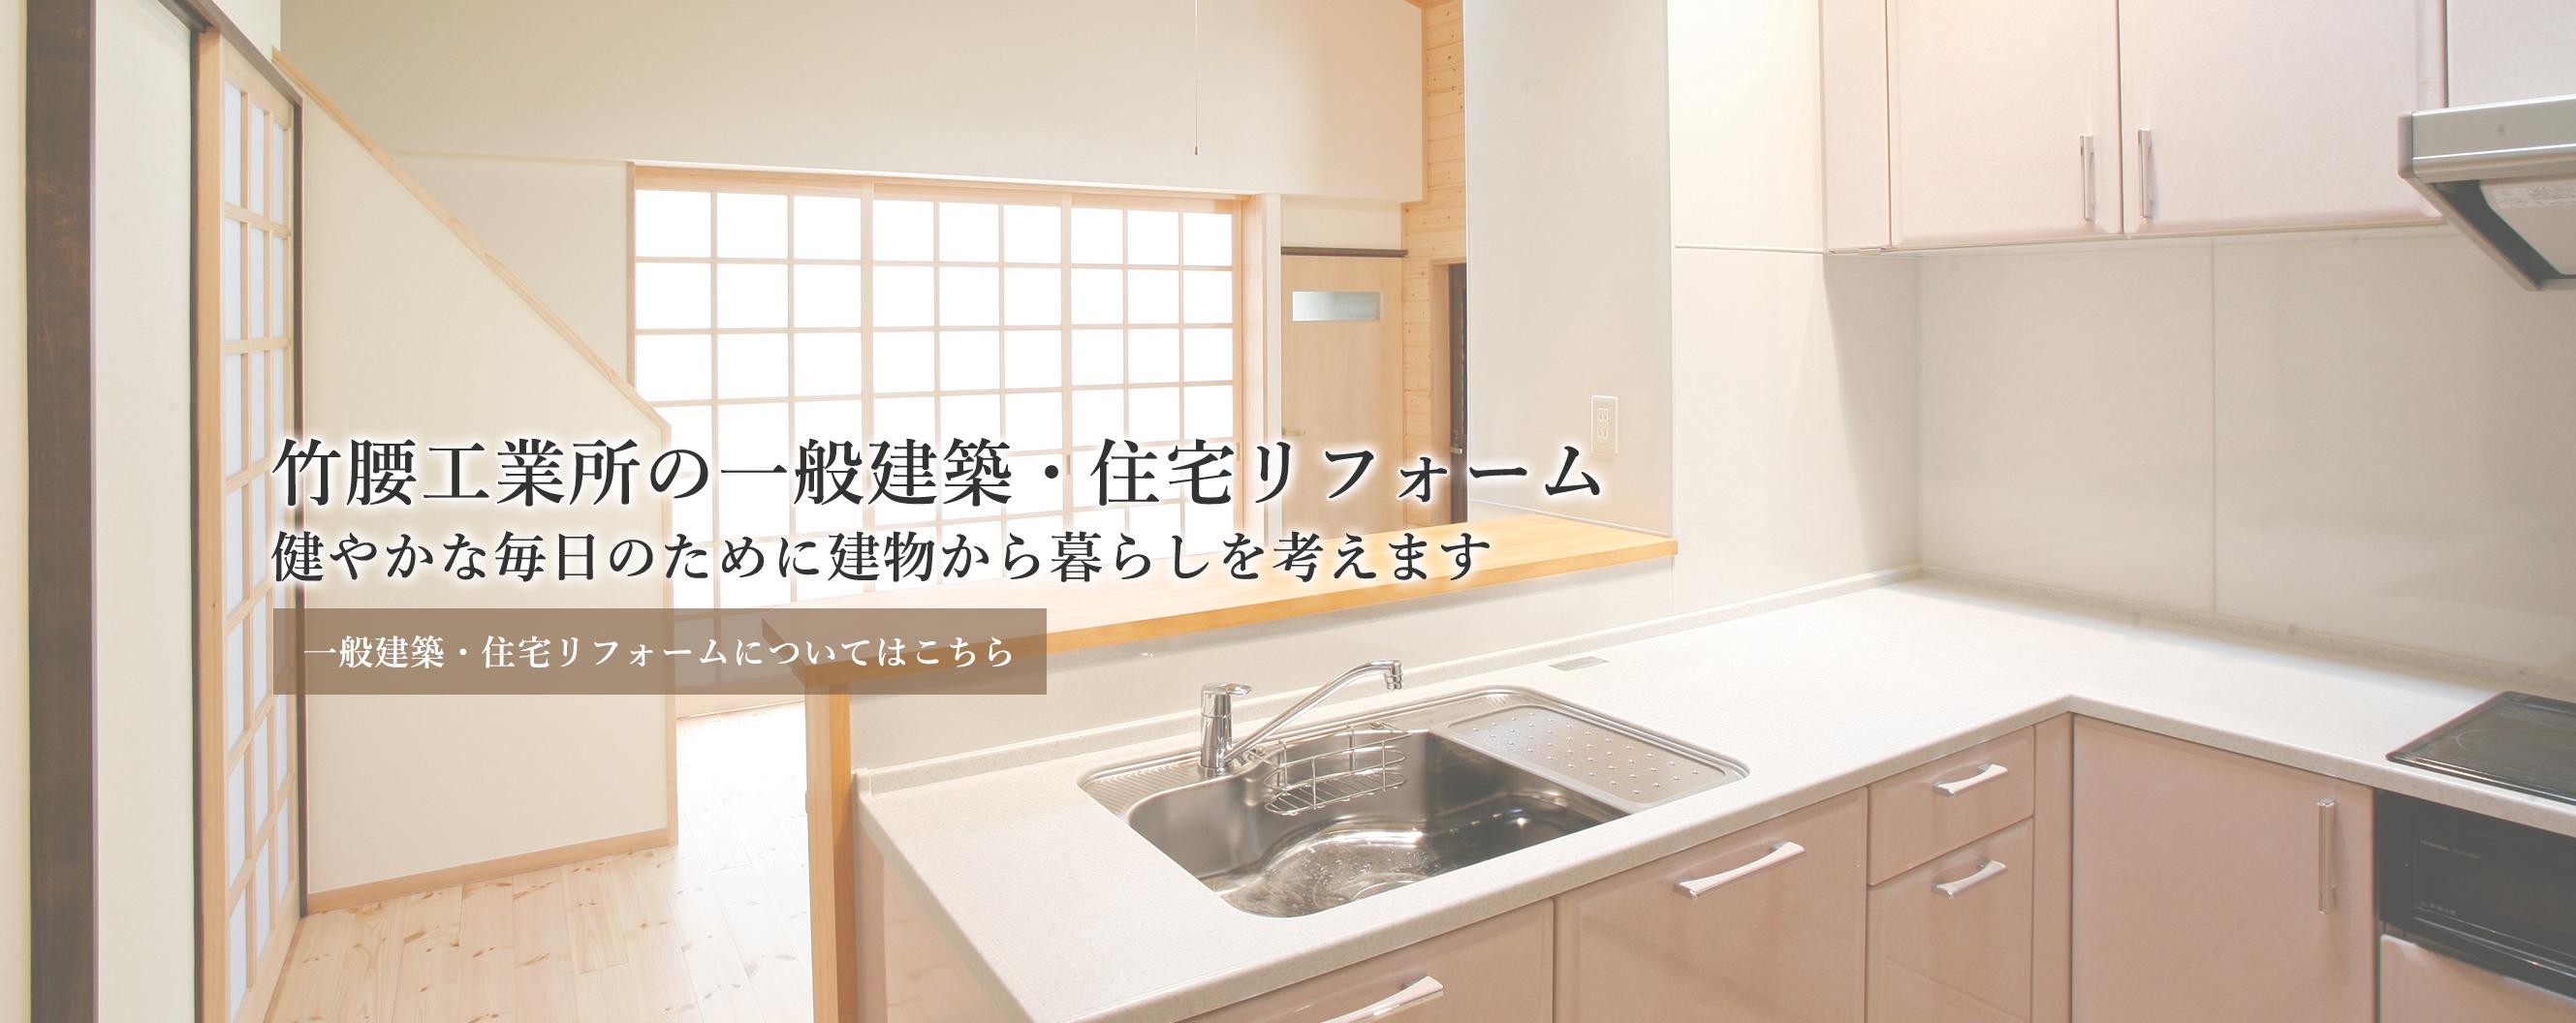 竹腰工業所の一般住宅・住宅リフォーム